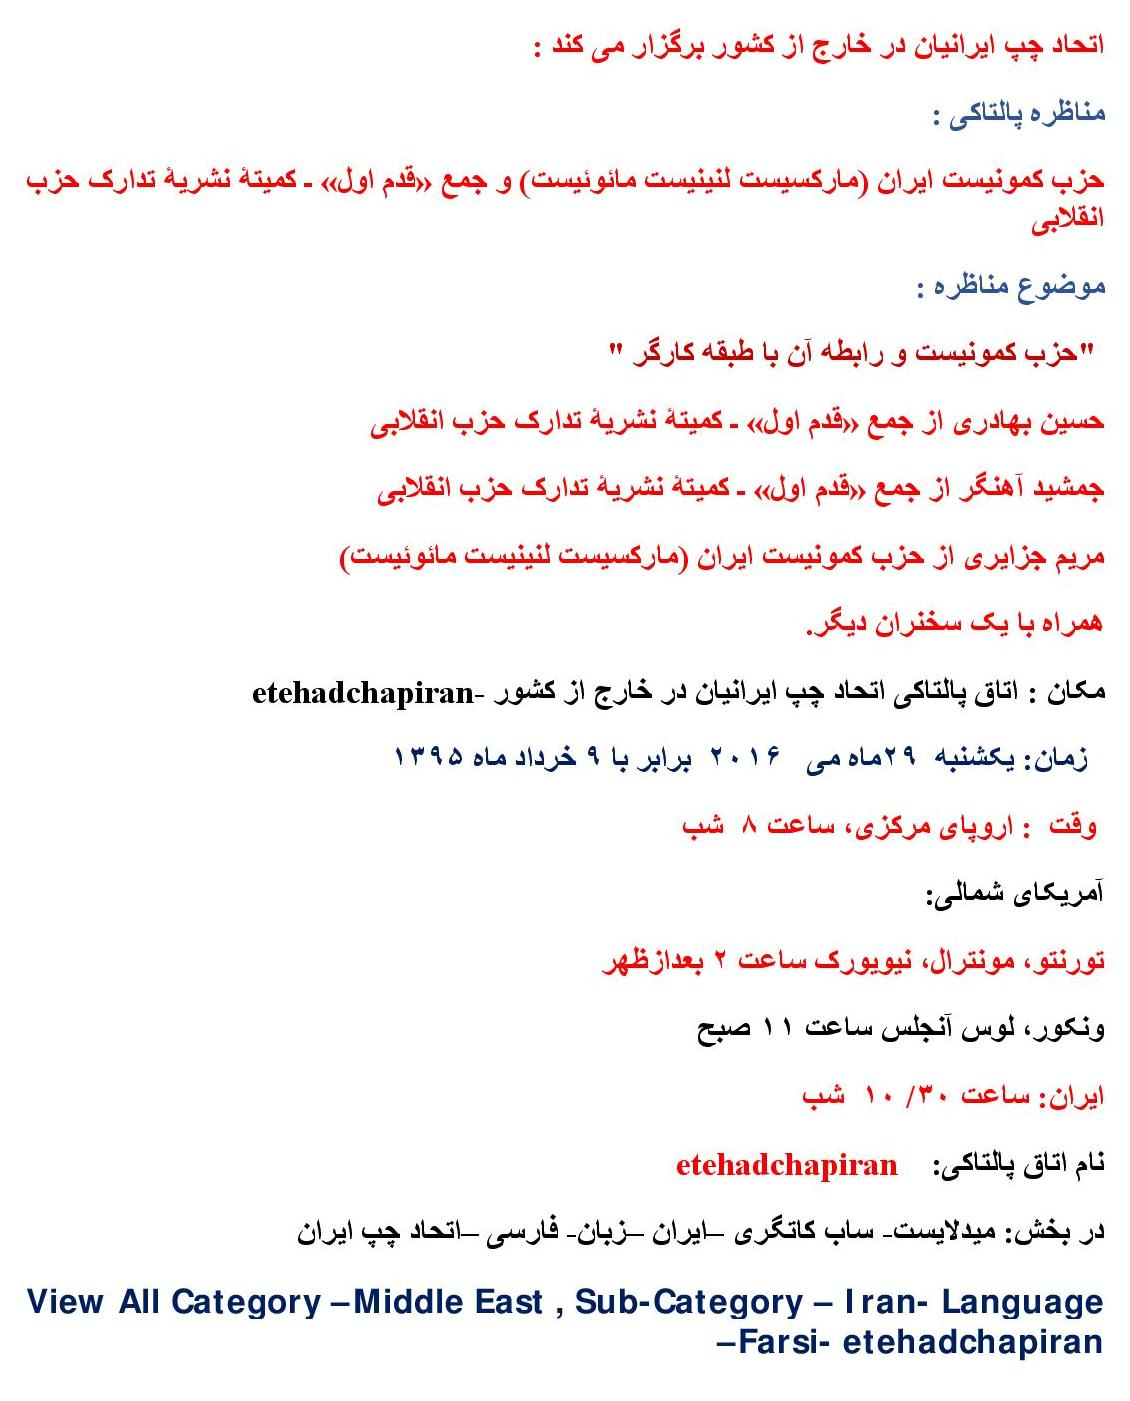 مناظره پالتاکی : حزب کمونیست ایران (مارکسیست لنینیست مائوئیست) و جمع «قدم اول» ـ کمیتۀ نشریۀ تدارک حزب انقلابی